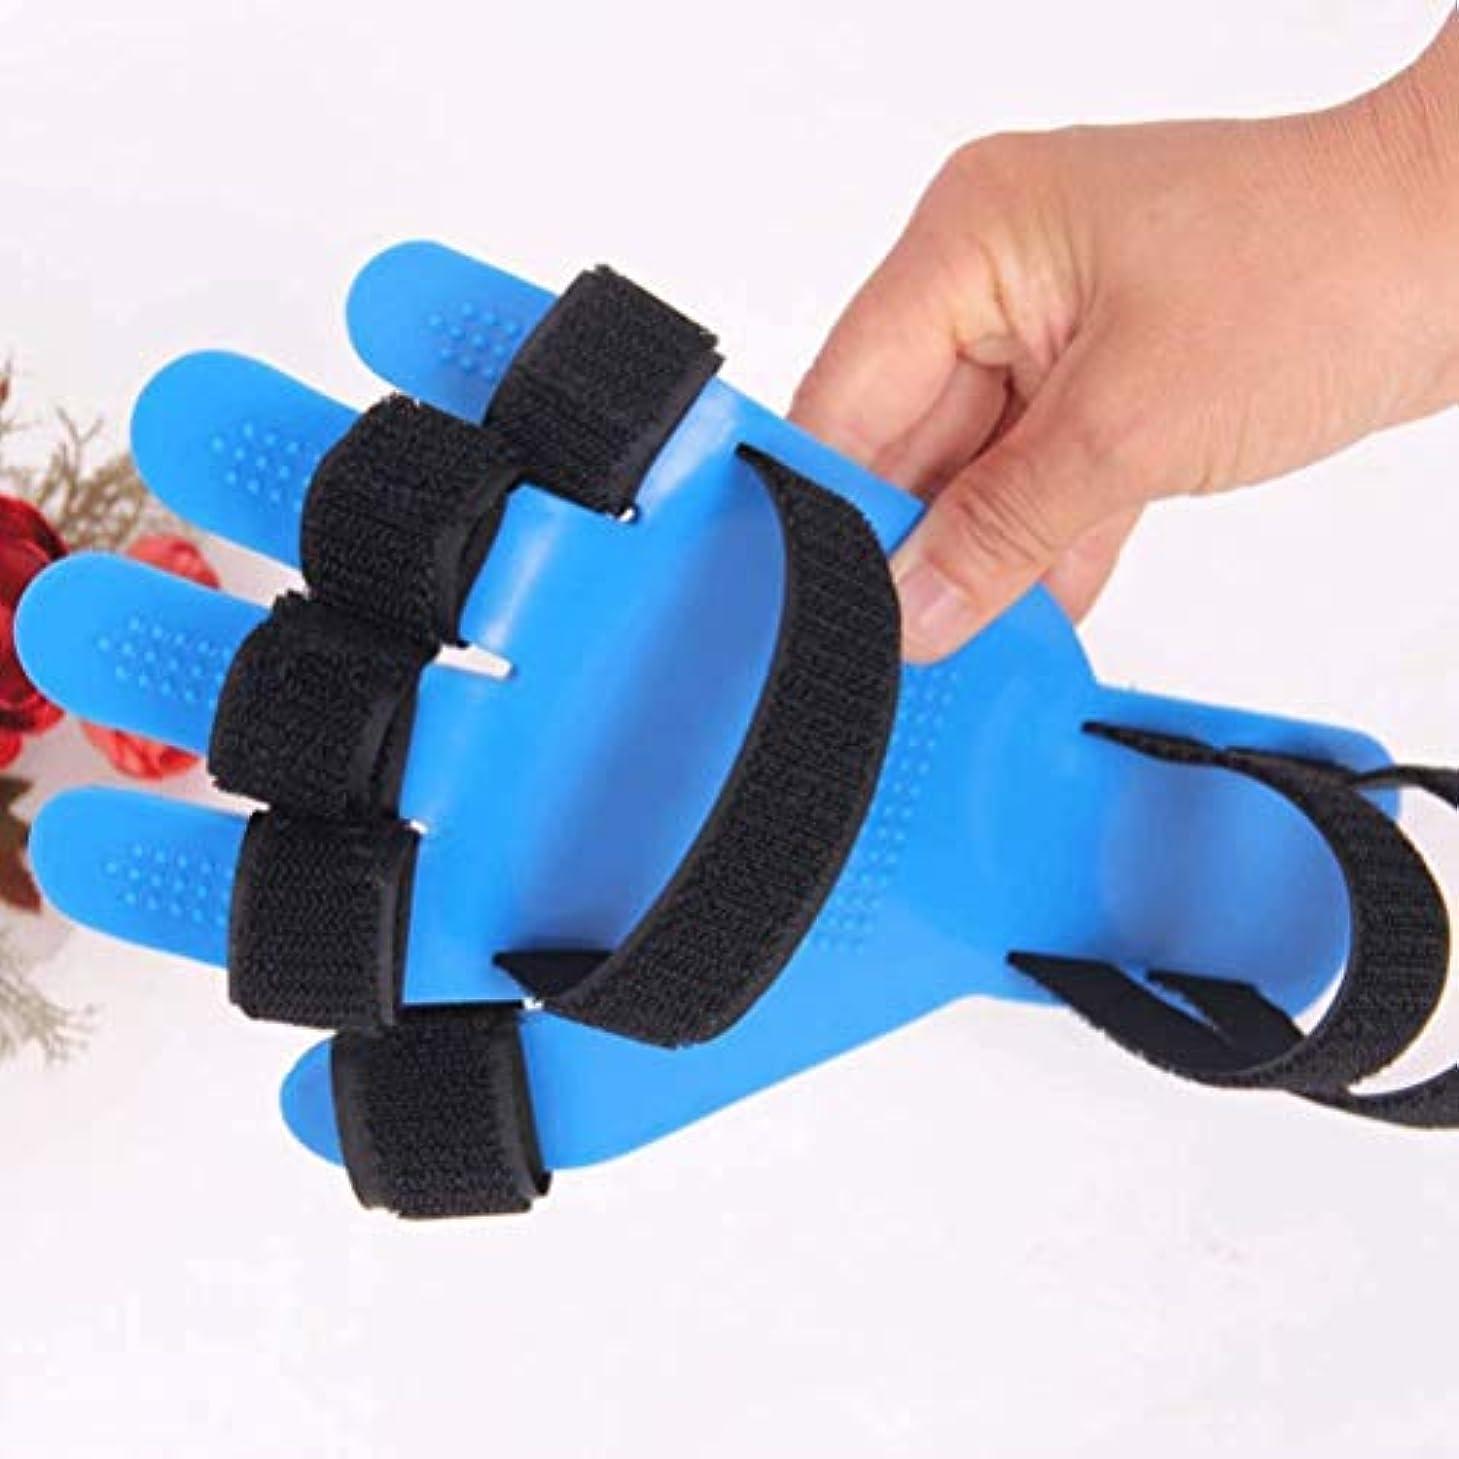 水族館証明スツールスプリントセパレーター手首トレーニング装具ストロークハンドスプリントトレーニングSupportequipmentブレースを指